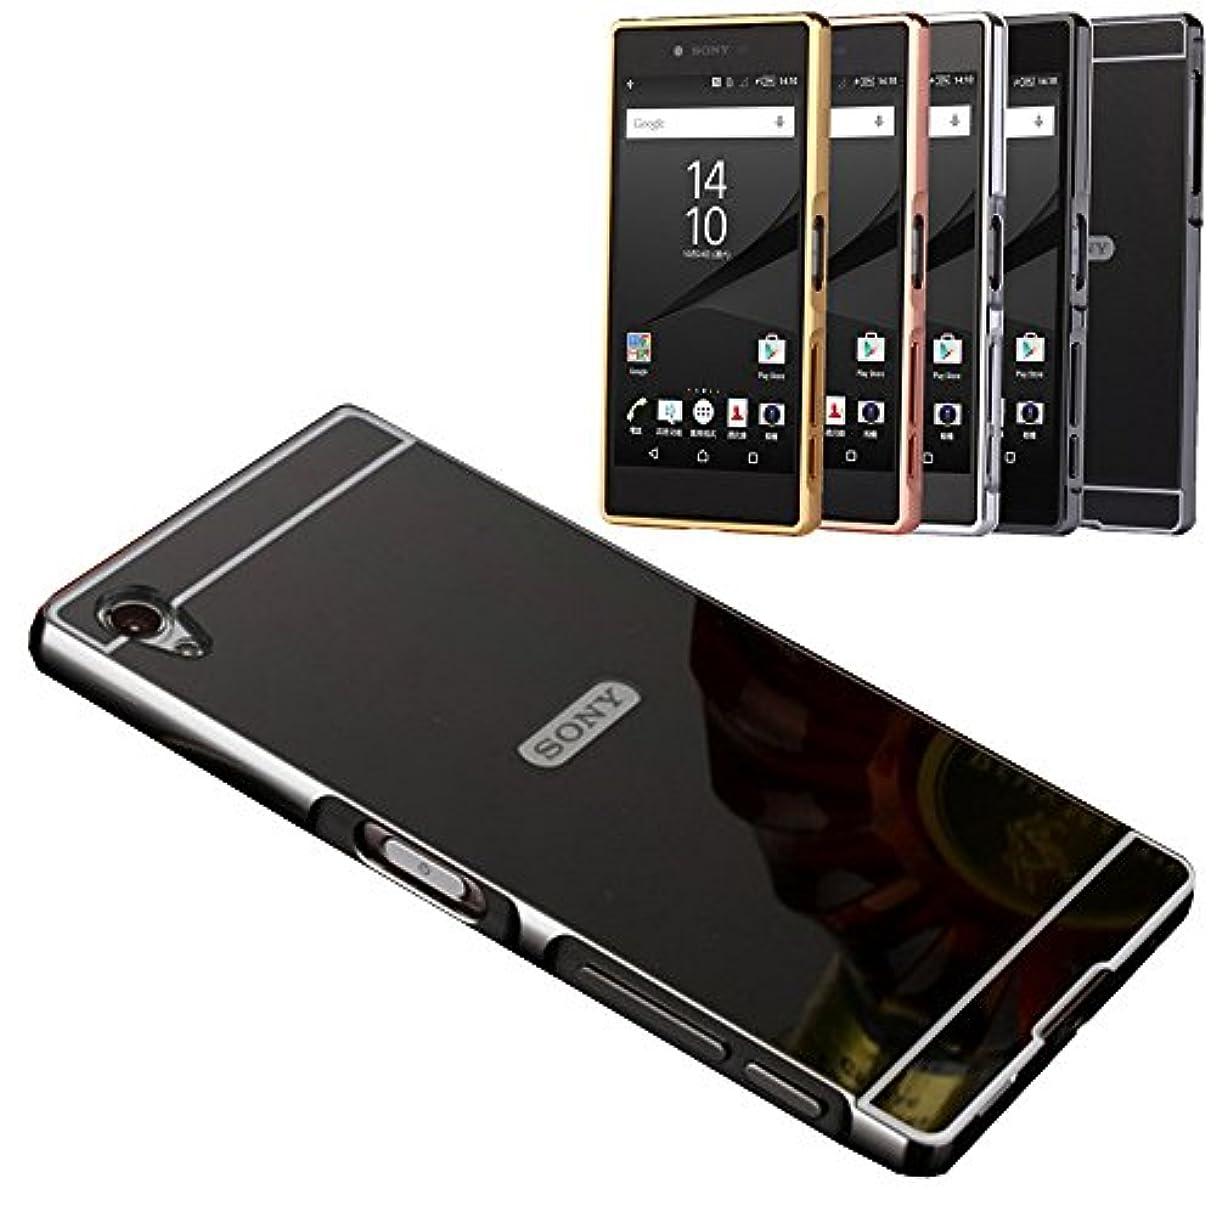 ローズイースター収束するSmartfeel Sony Xperia Z2 ドコモ SO-03F 高精度アルミニウム バンパー ケース ネジなし 輝くバックパネル付き 鏡面反射 ロゴなし 軽量金属 装着簡単 ブラック